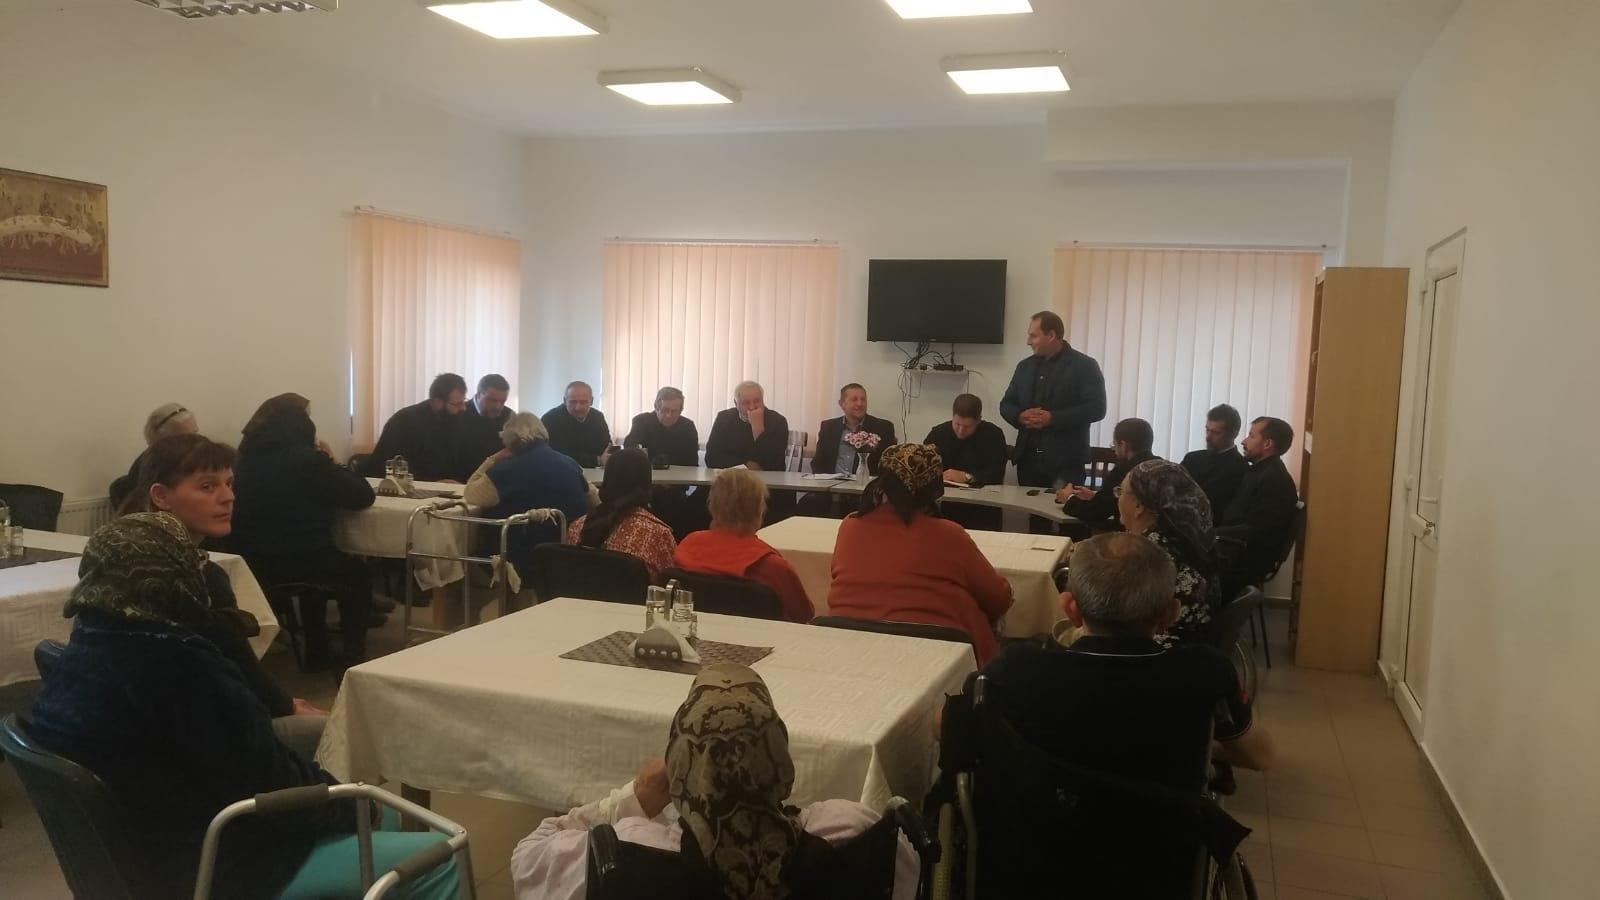 Întâlnirea preoților de pe valea Țibleșului la Centrul de la Tîrlișua